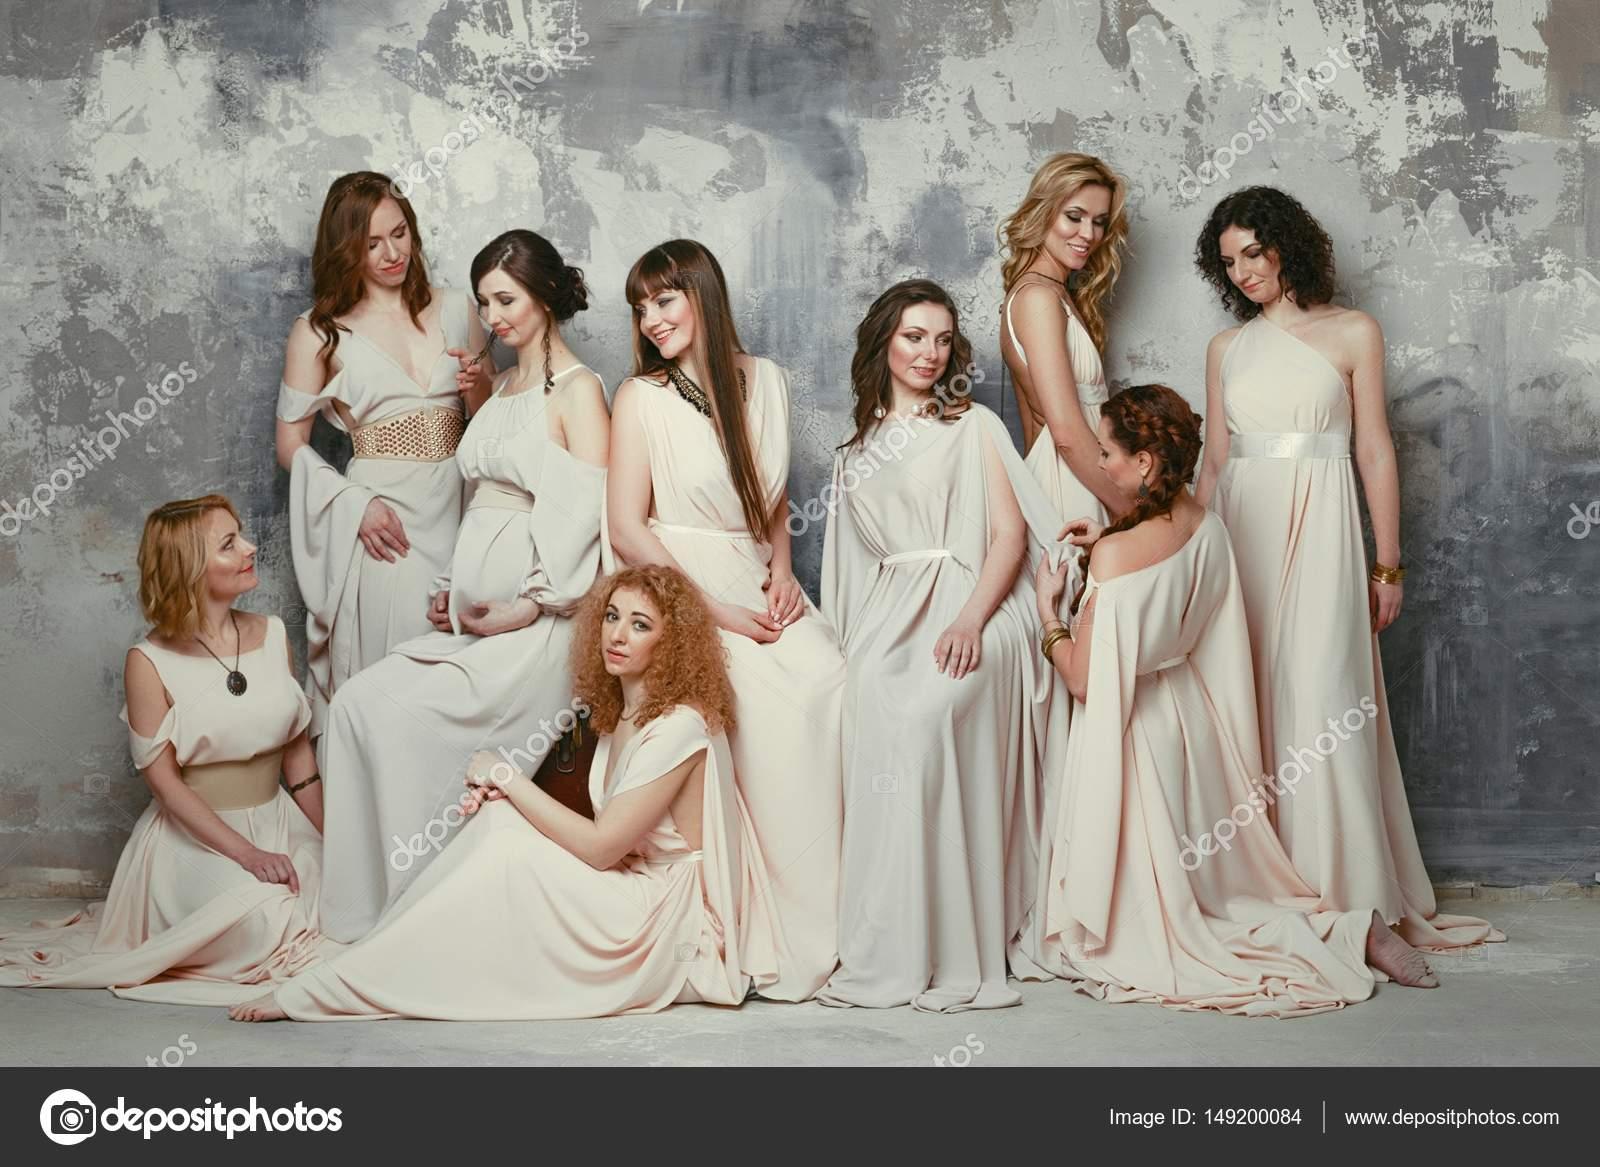 50a3b8804967 Nove belle giovani donne in posa in stile greco antico eleganti vestiti  lunghi contro priorità bassa della parete di grunge — Foto di smmartynenko